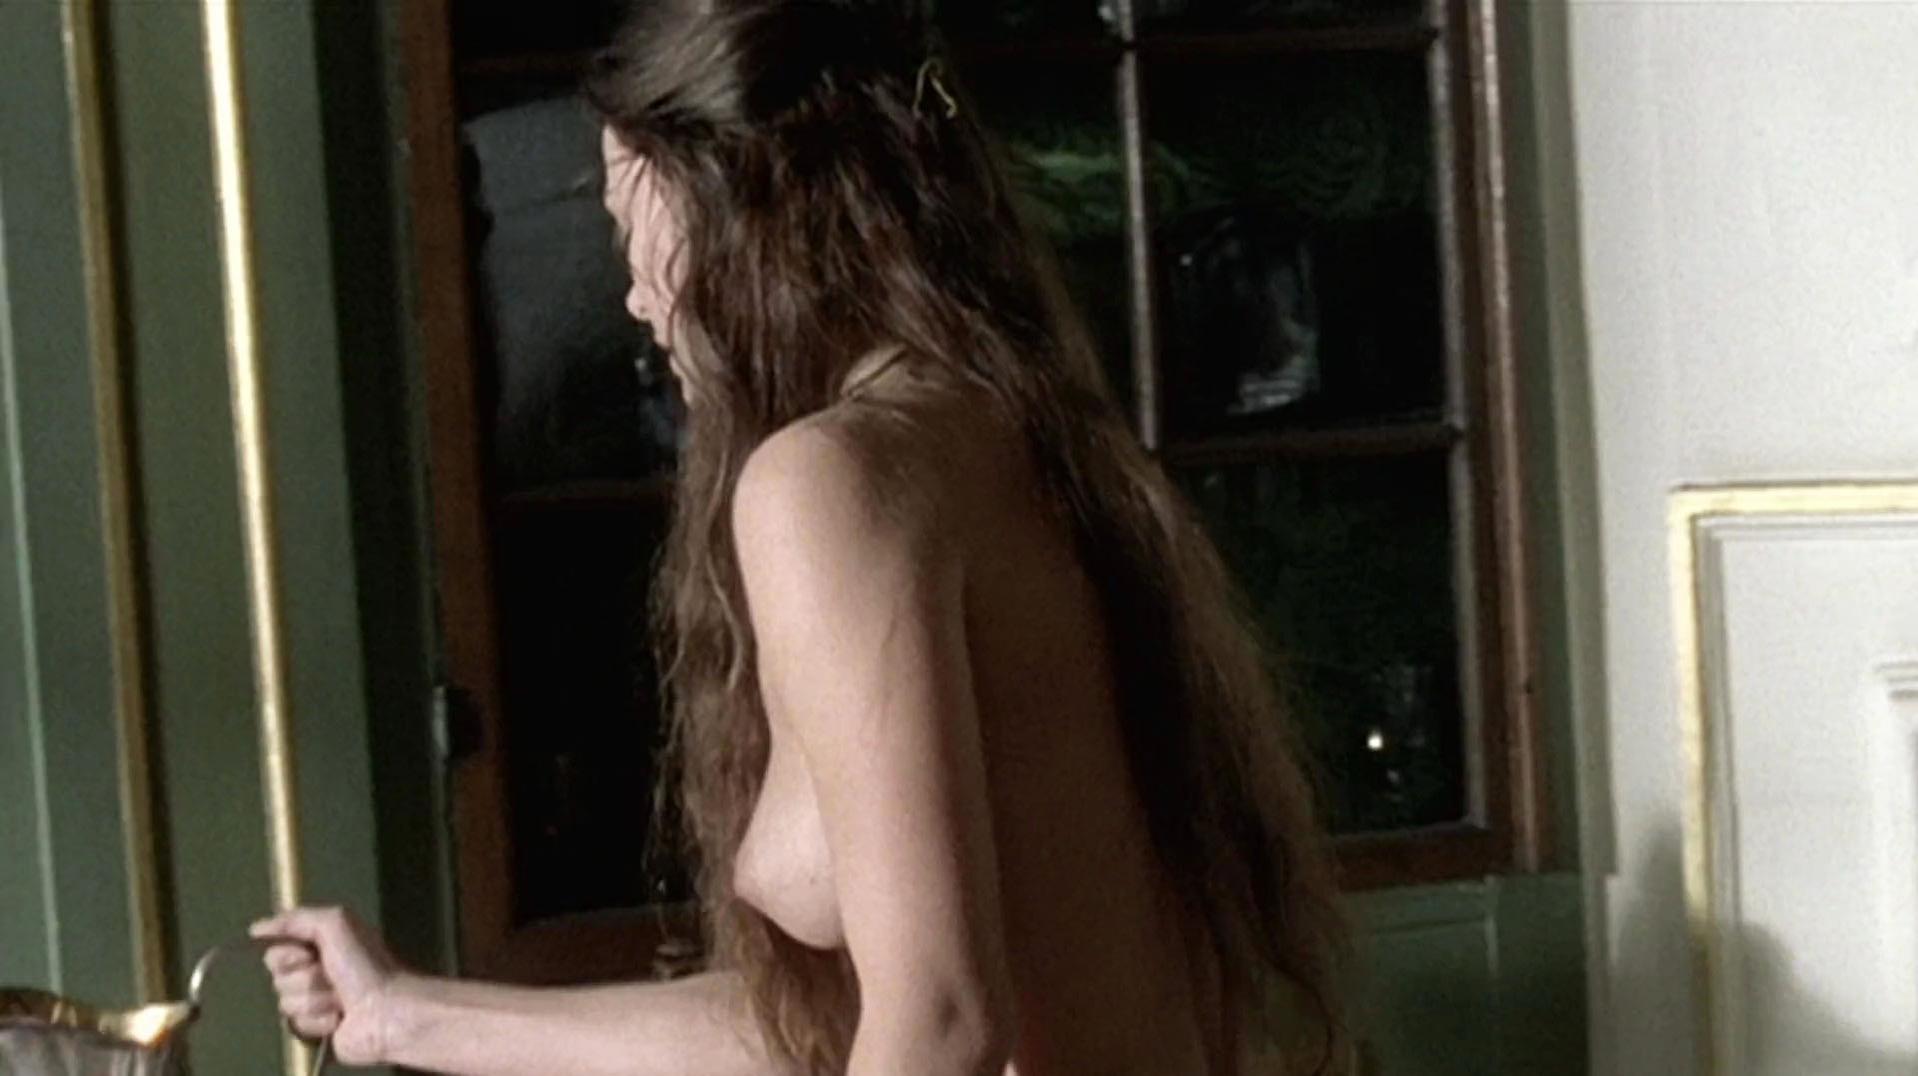 razvlekayutsya-amerikanskie-elizaveta-seks-film